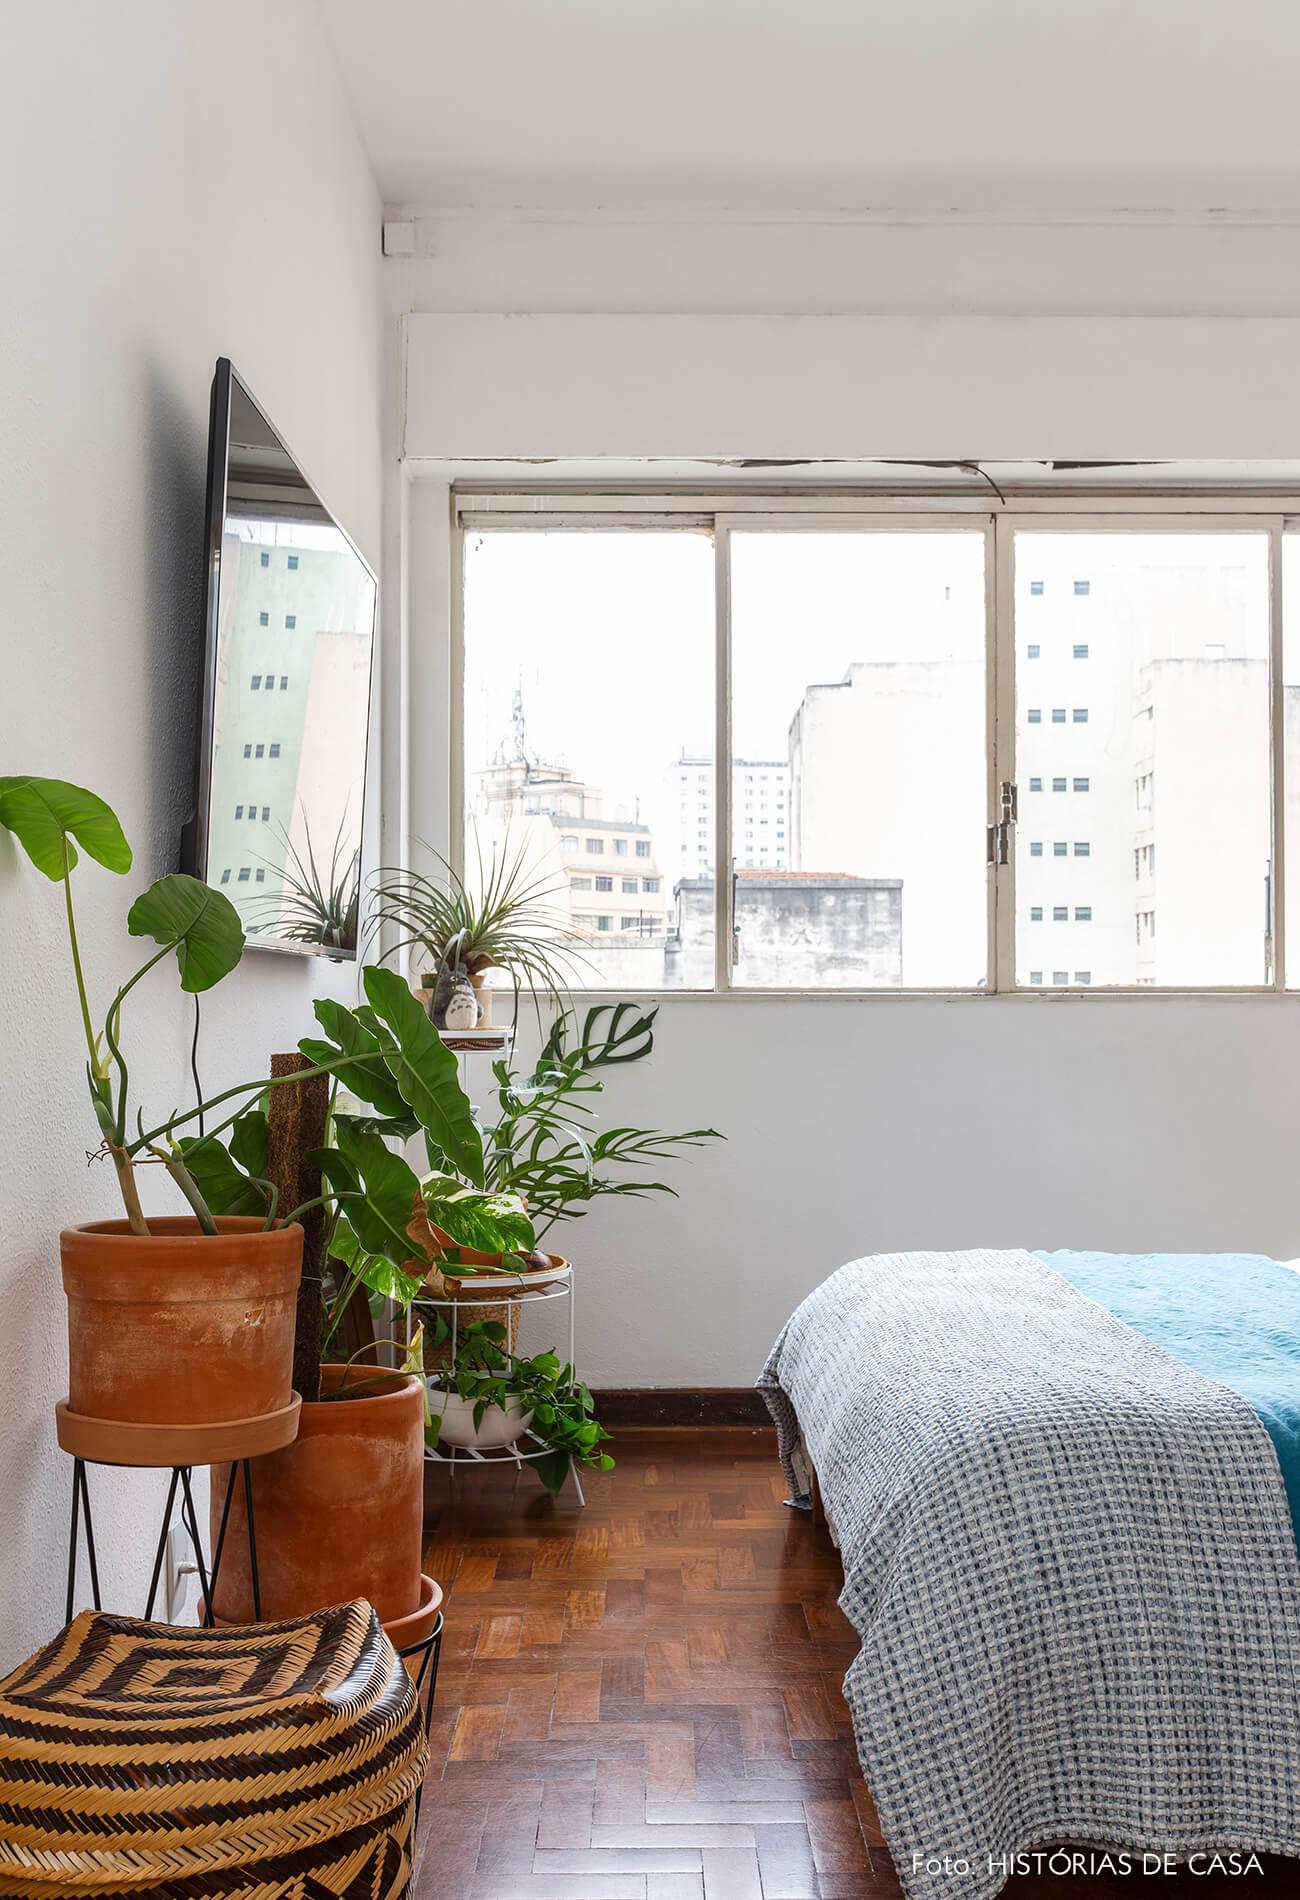 Quarto com plantas e roupa de cama de linho